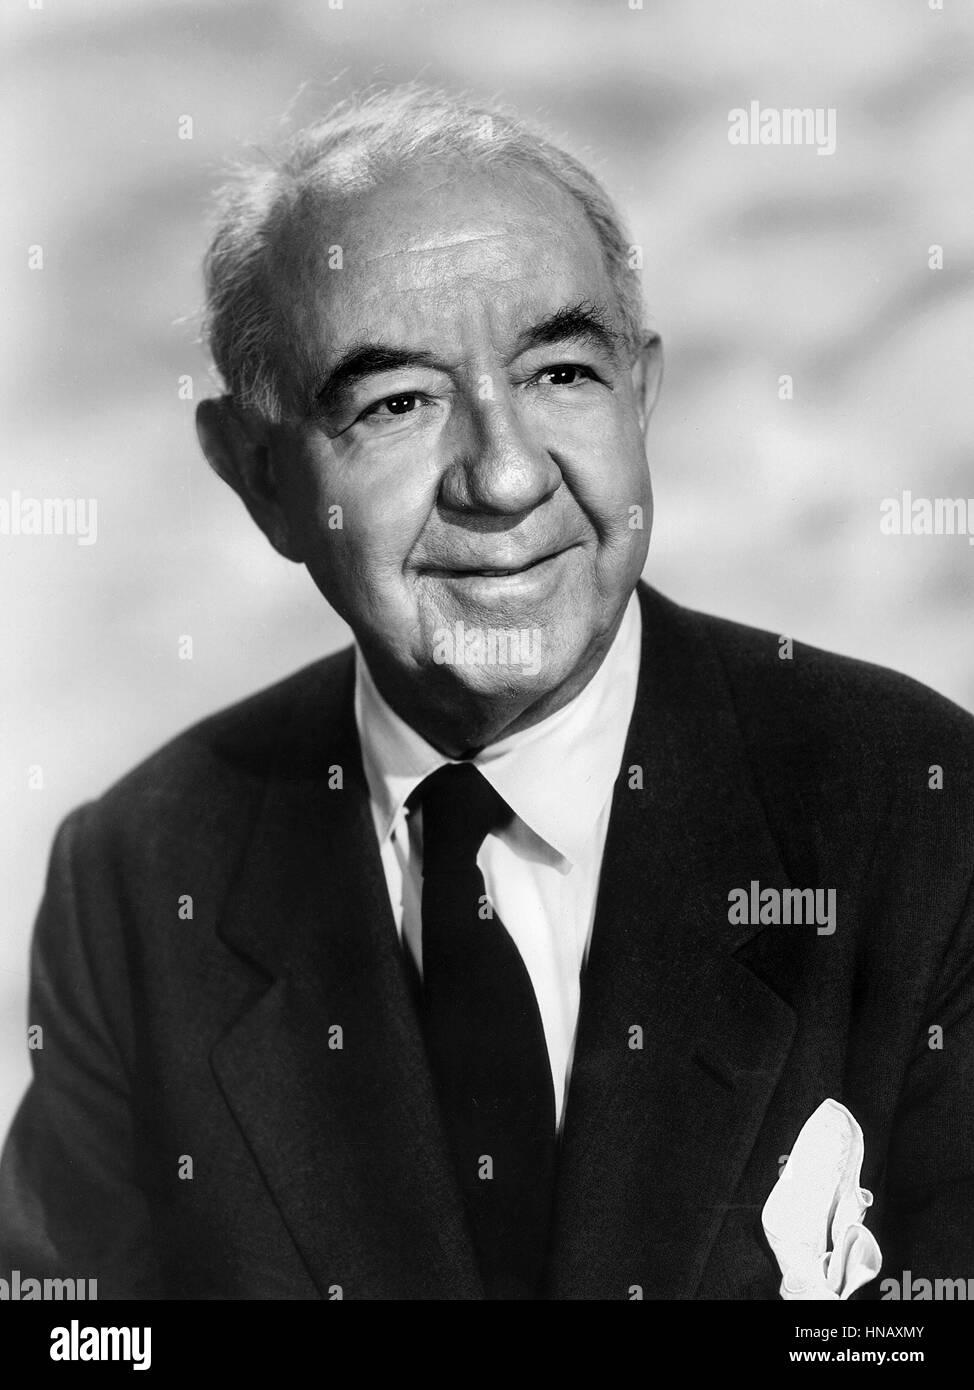 CECIL KELLAWAY ACTOR (1954) - Stock Image